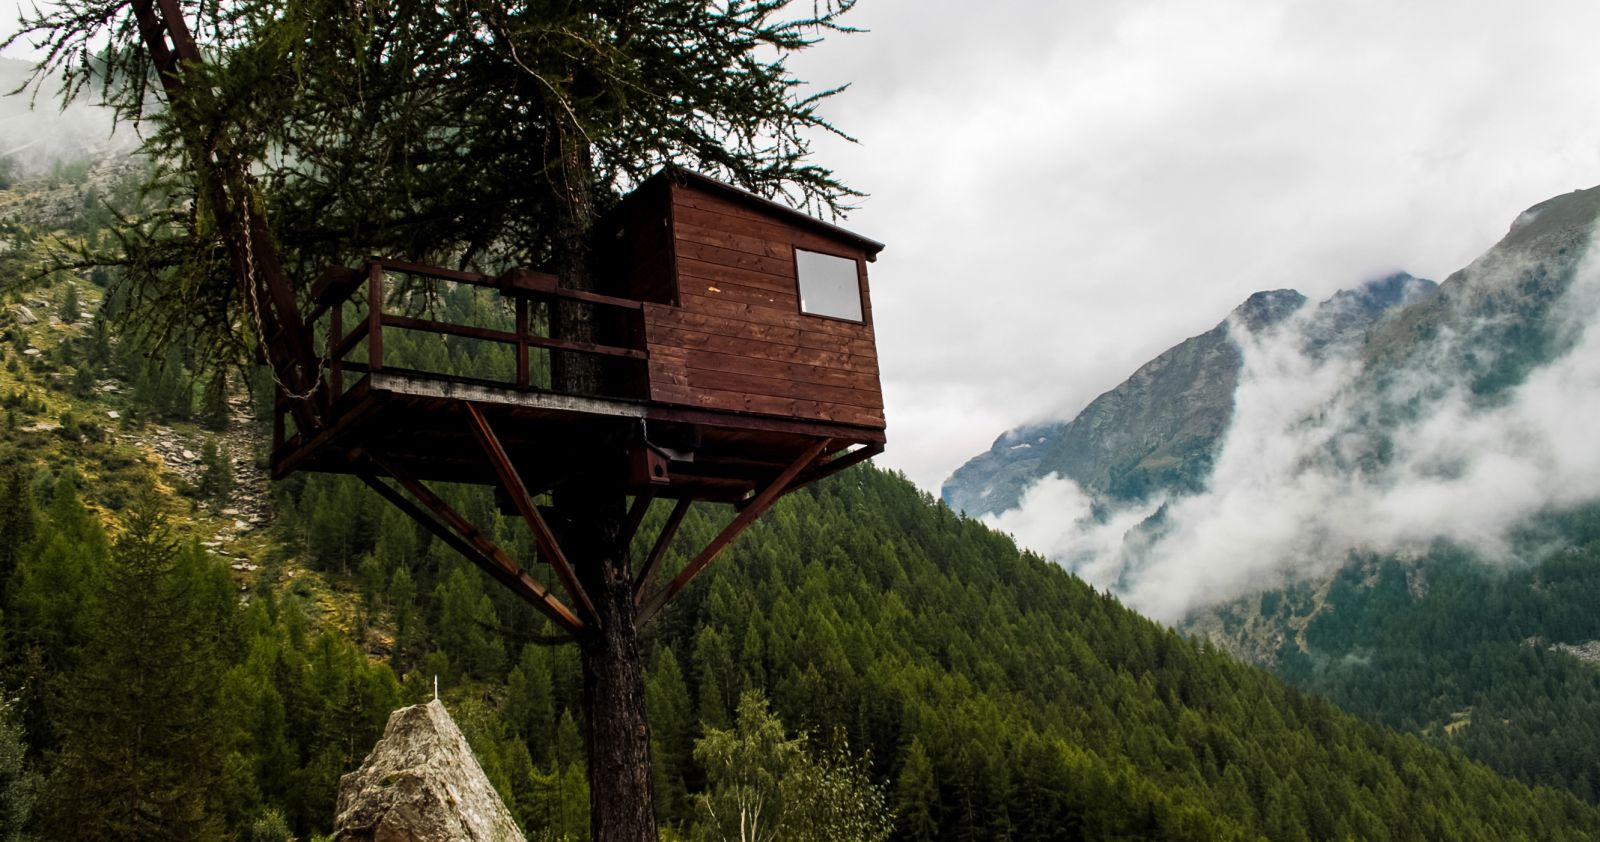 Baumhäuser in der Natur